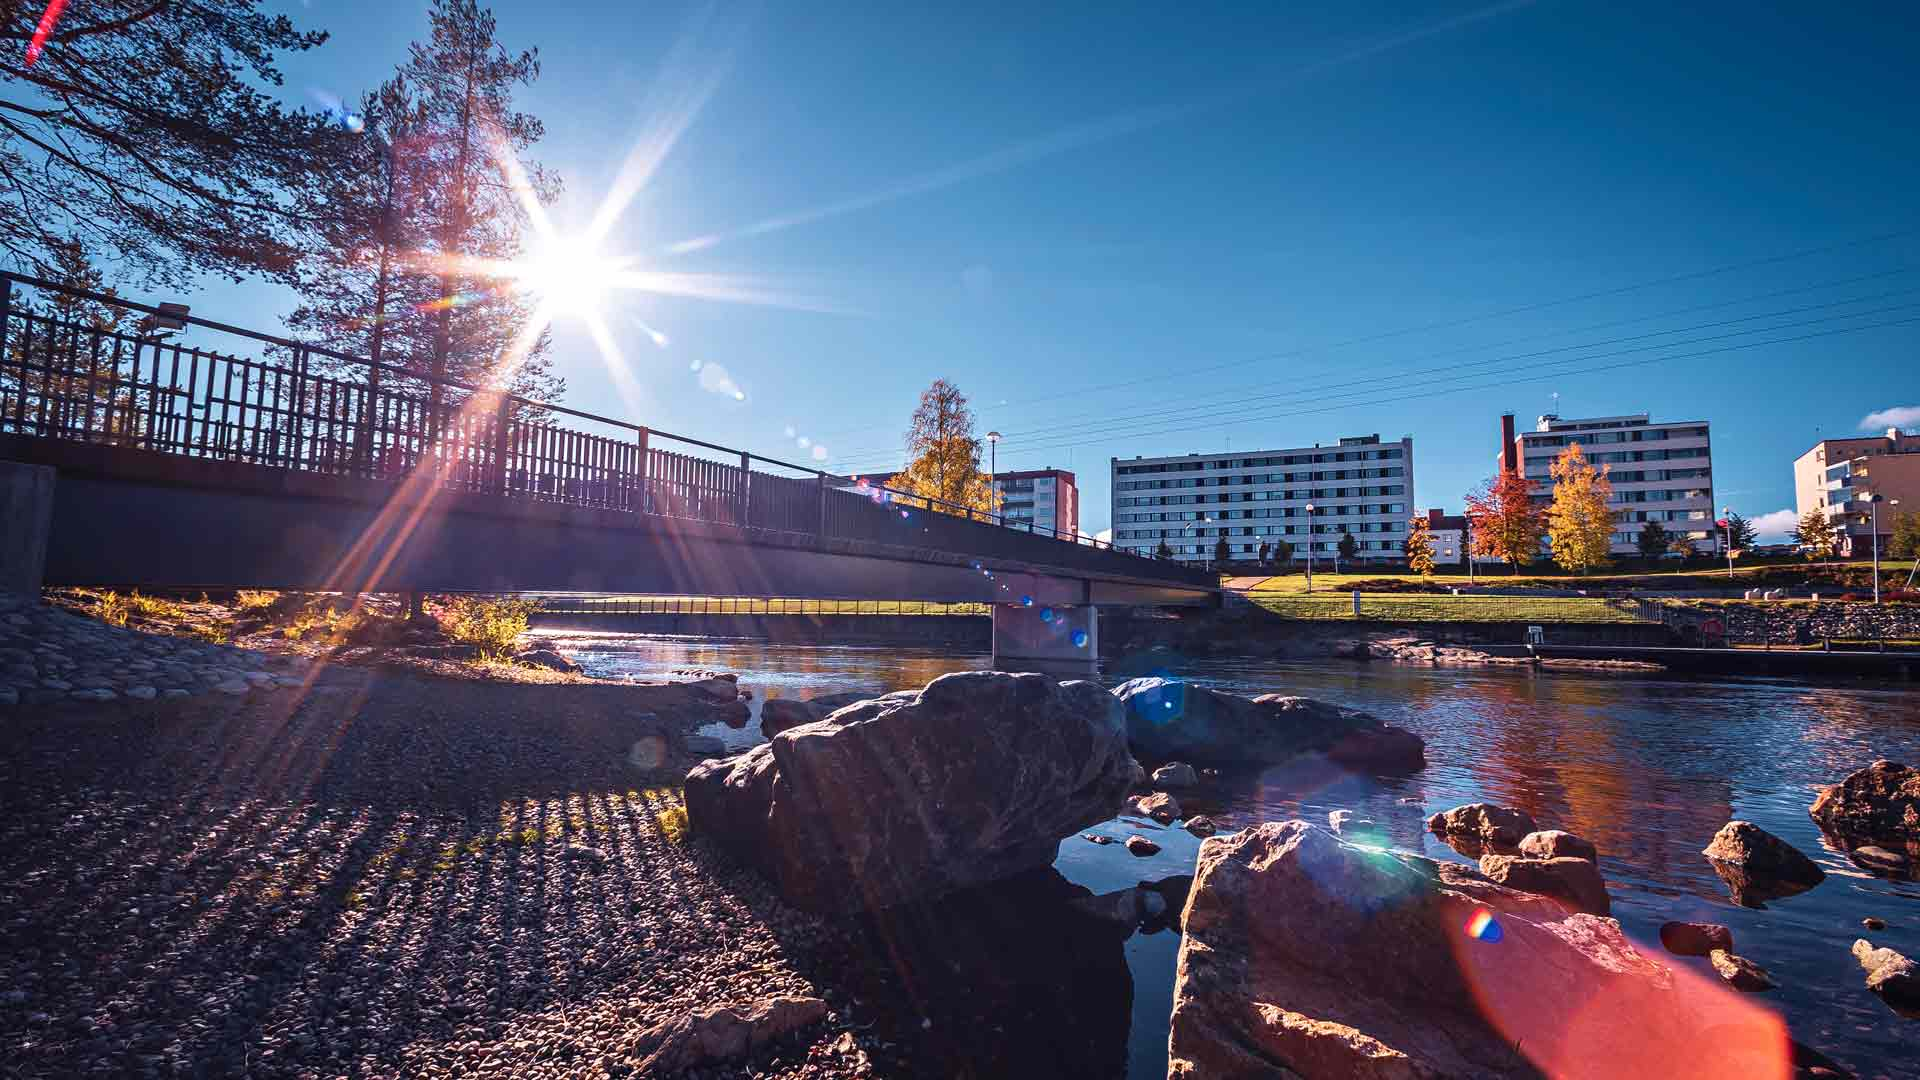 Kainuun maakuntakeskus on Kajaani, jonka asutuksen juuret ulottuvat aina 1600-luvulle saakka.